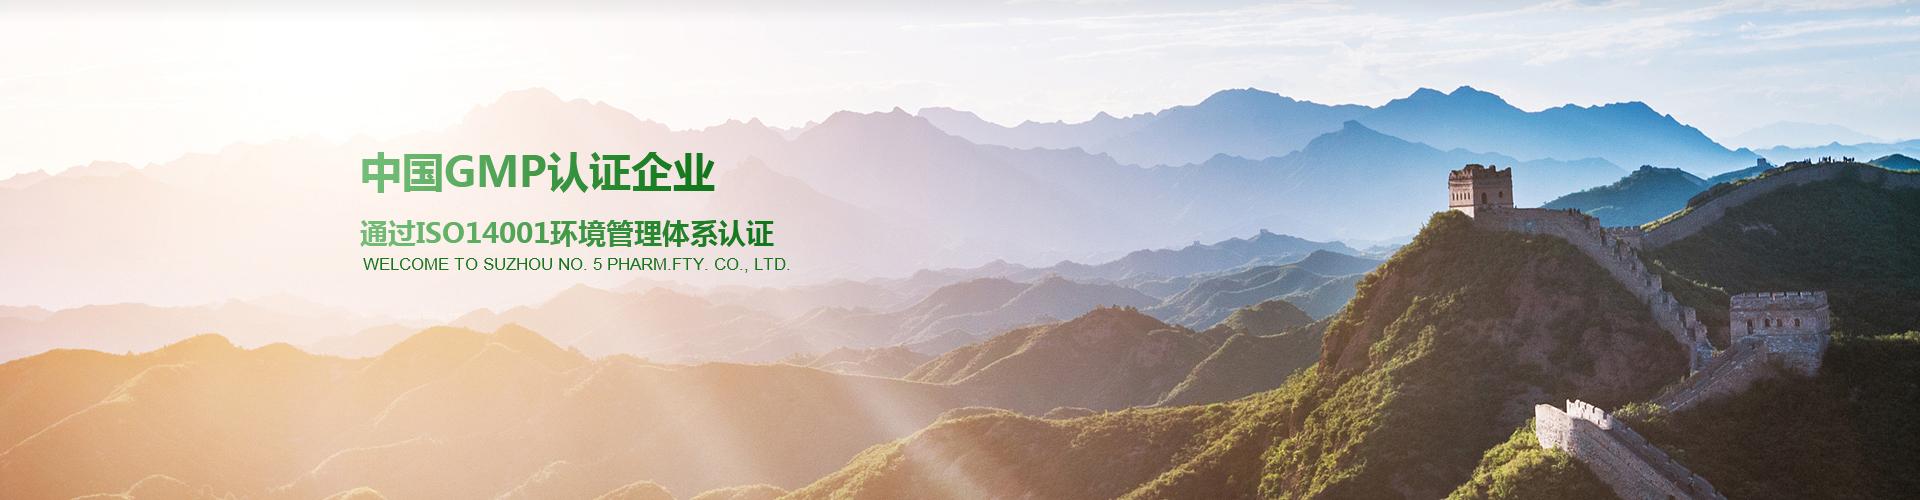 蘇州第五制藥廠有限公司